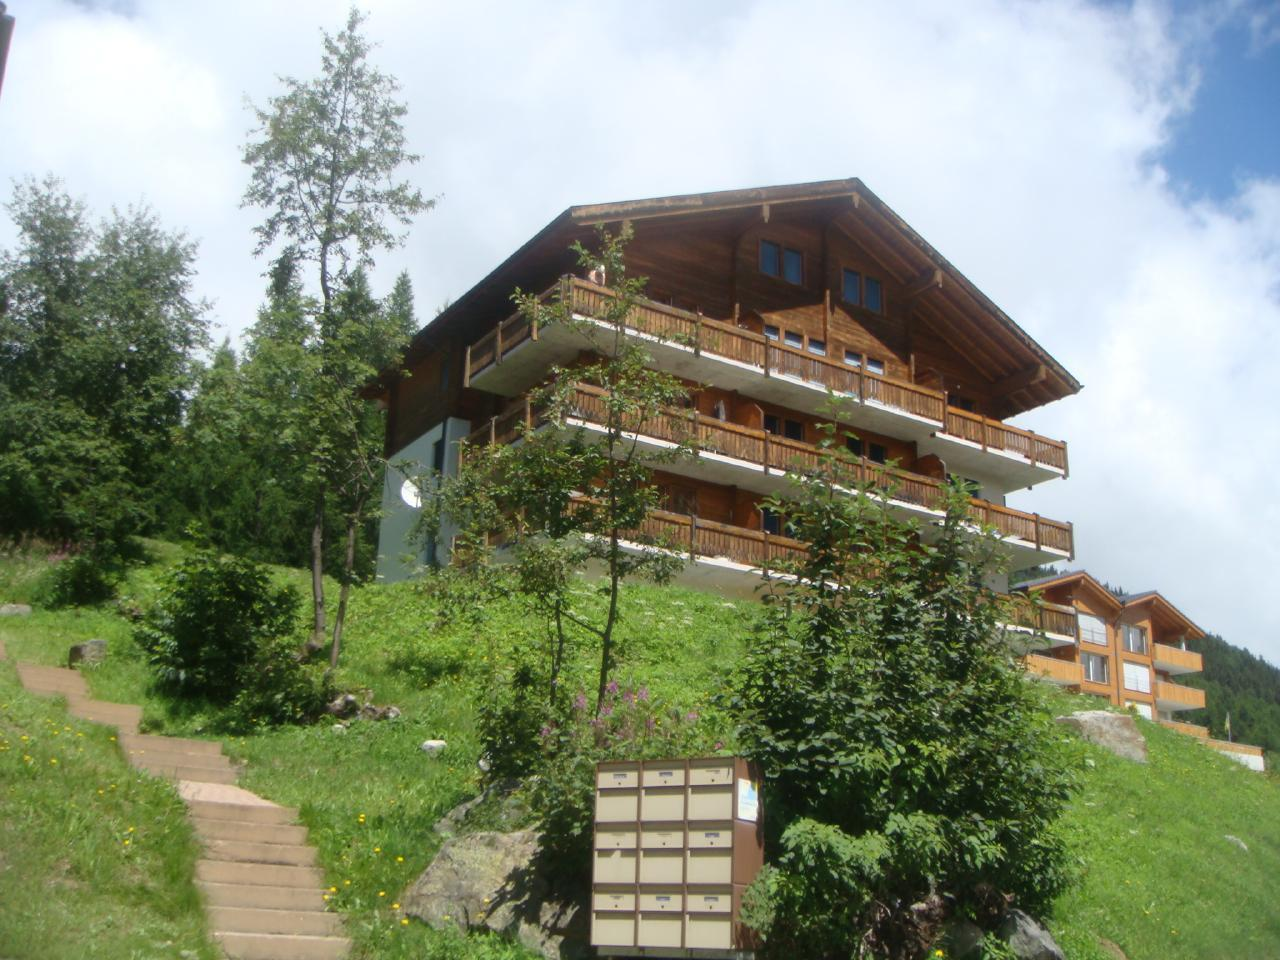 Appartement de vacances Fewo Belstar DG West (2542780), Bellwald, Aletsch - Conches, Valais, Suisse, image 19